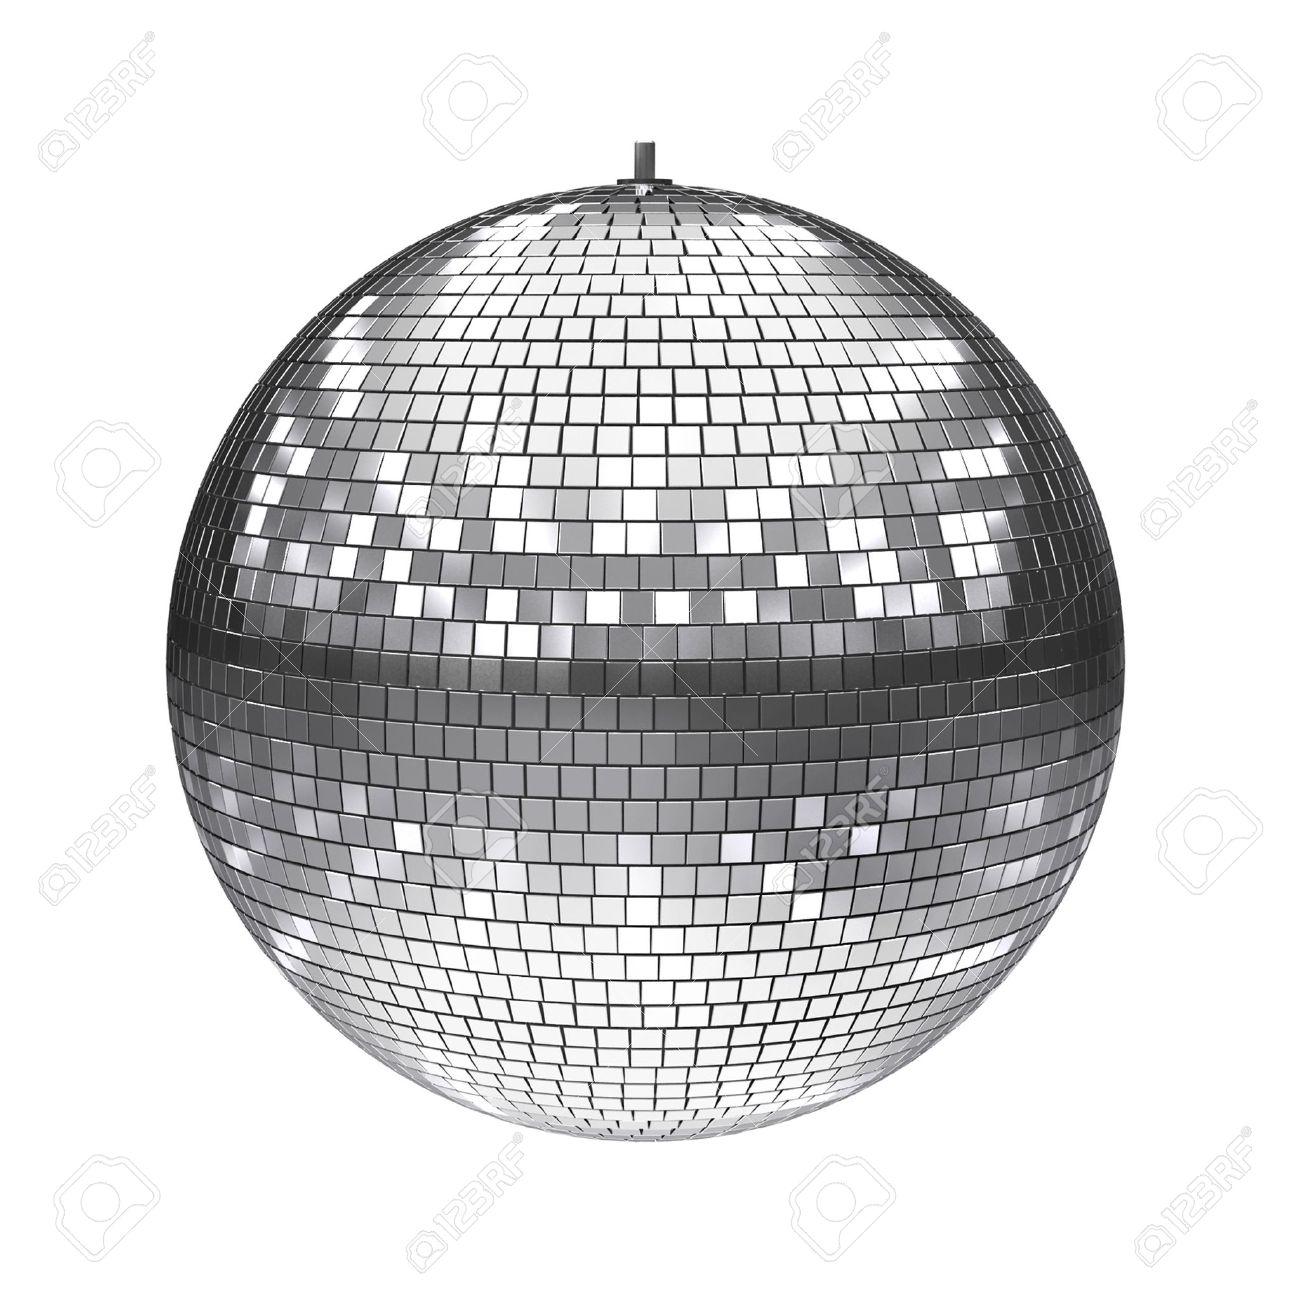 disco bal geà soleerd op wit royalty vrije foto plaatjes beelden